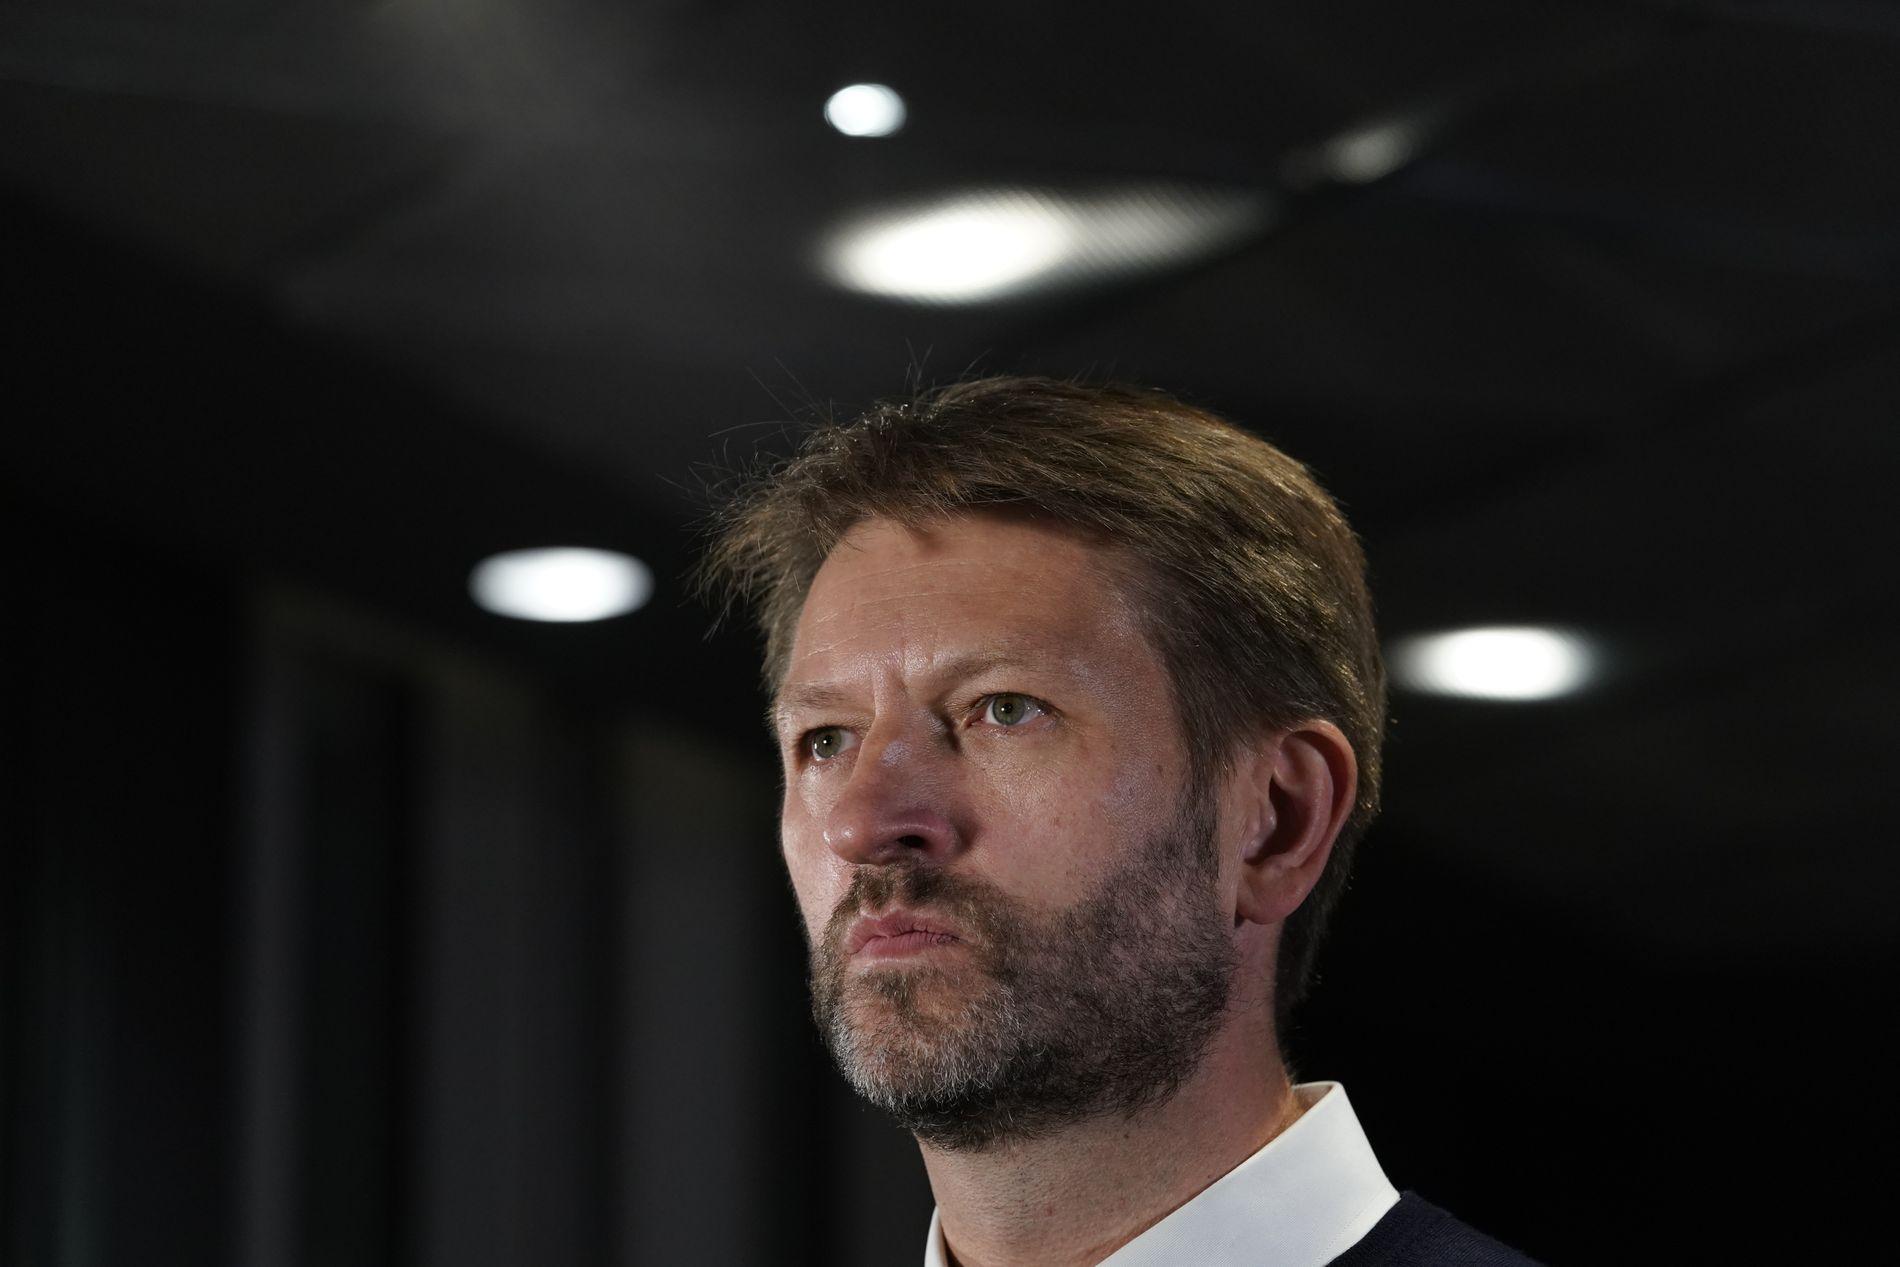 STØRST: Oslo Høyre og byrådslederkandidat Eirik Lae Solberg sanket flest stemmer.